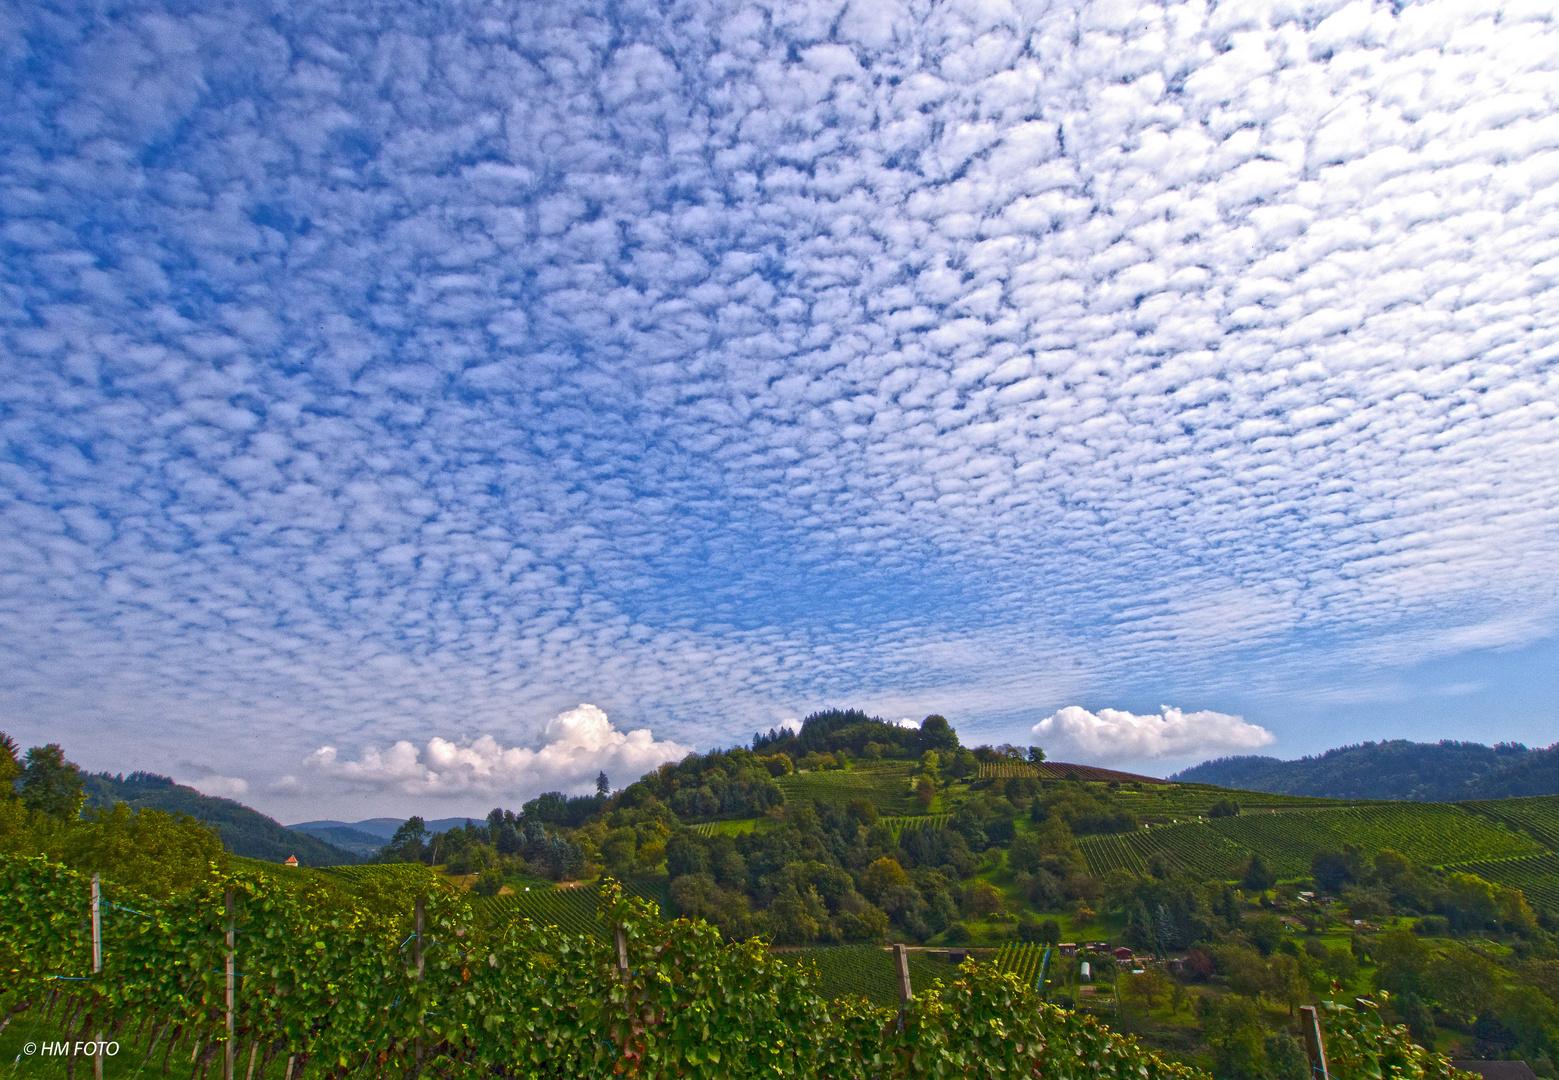 Himmel über dem Weinberg